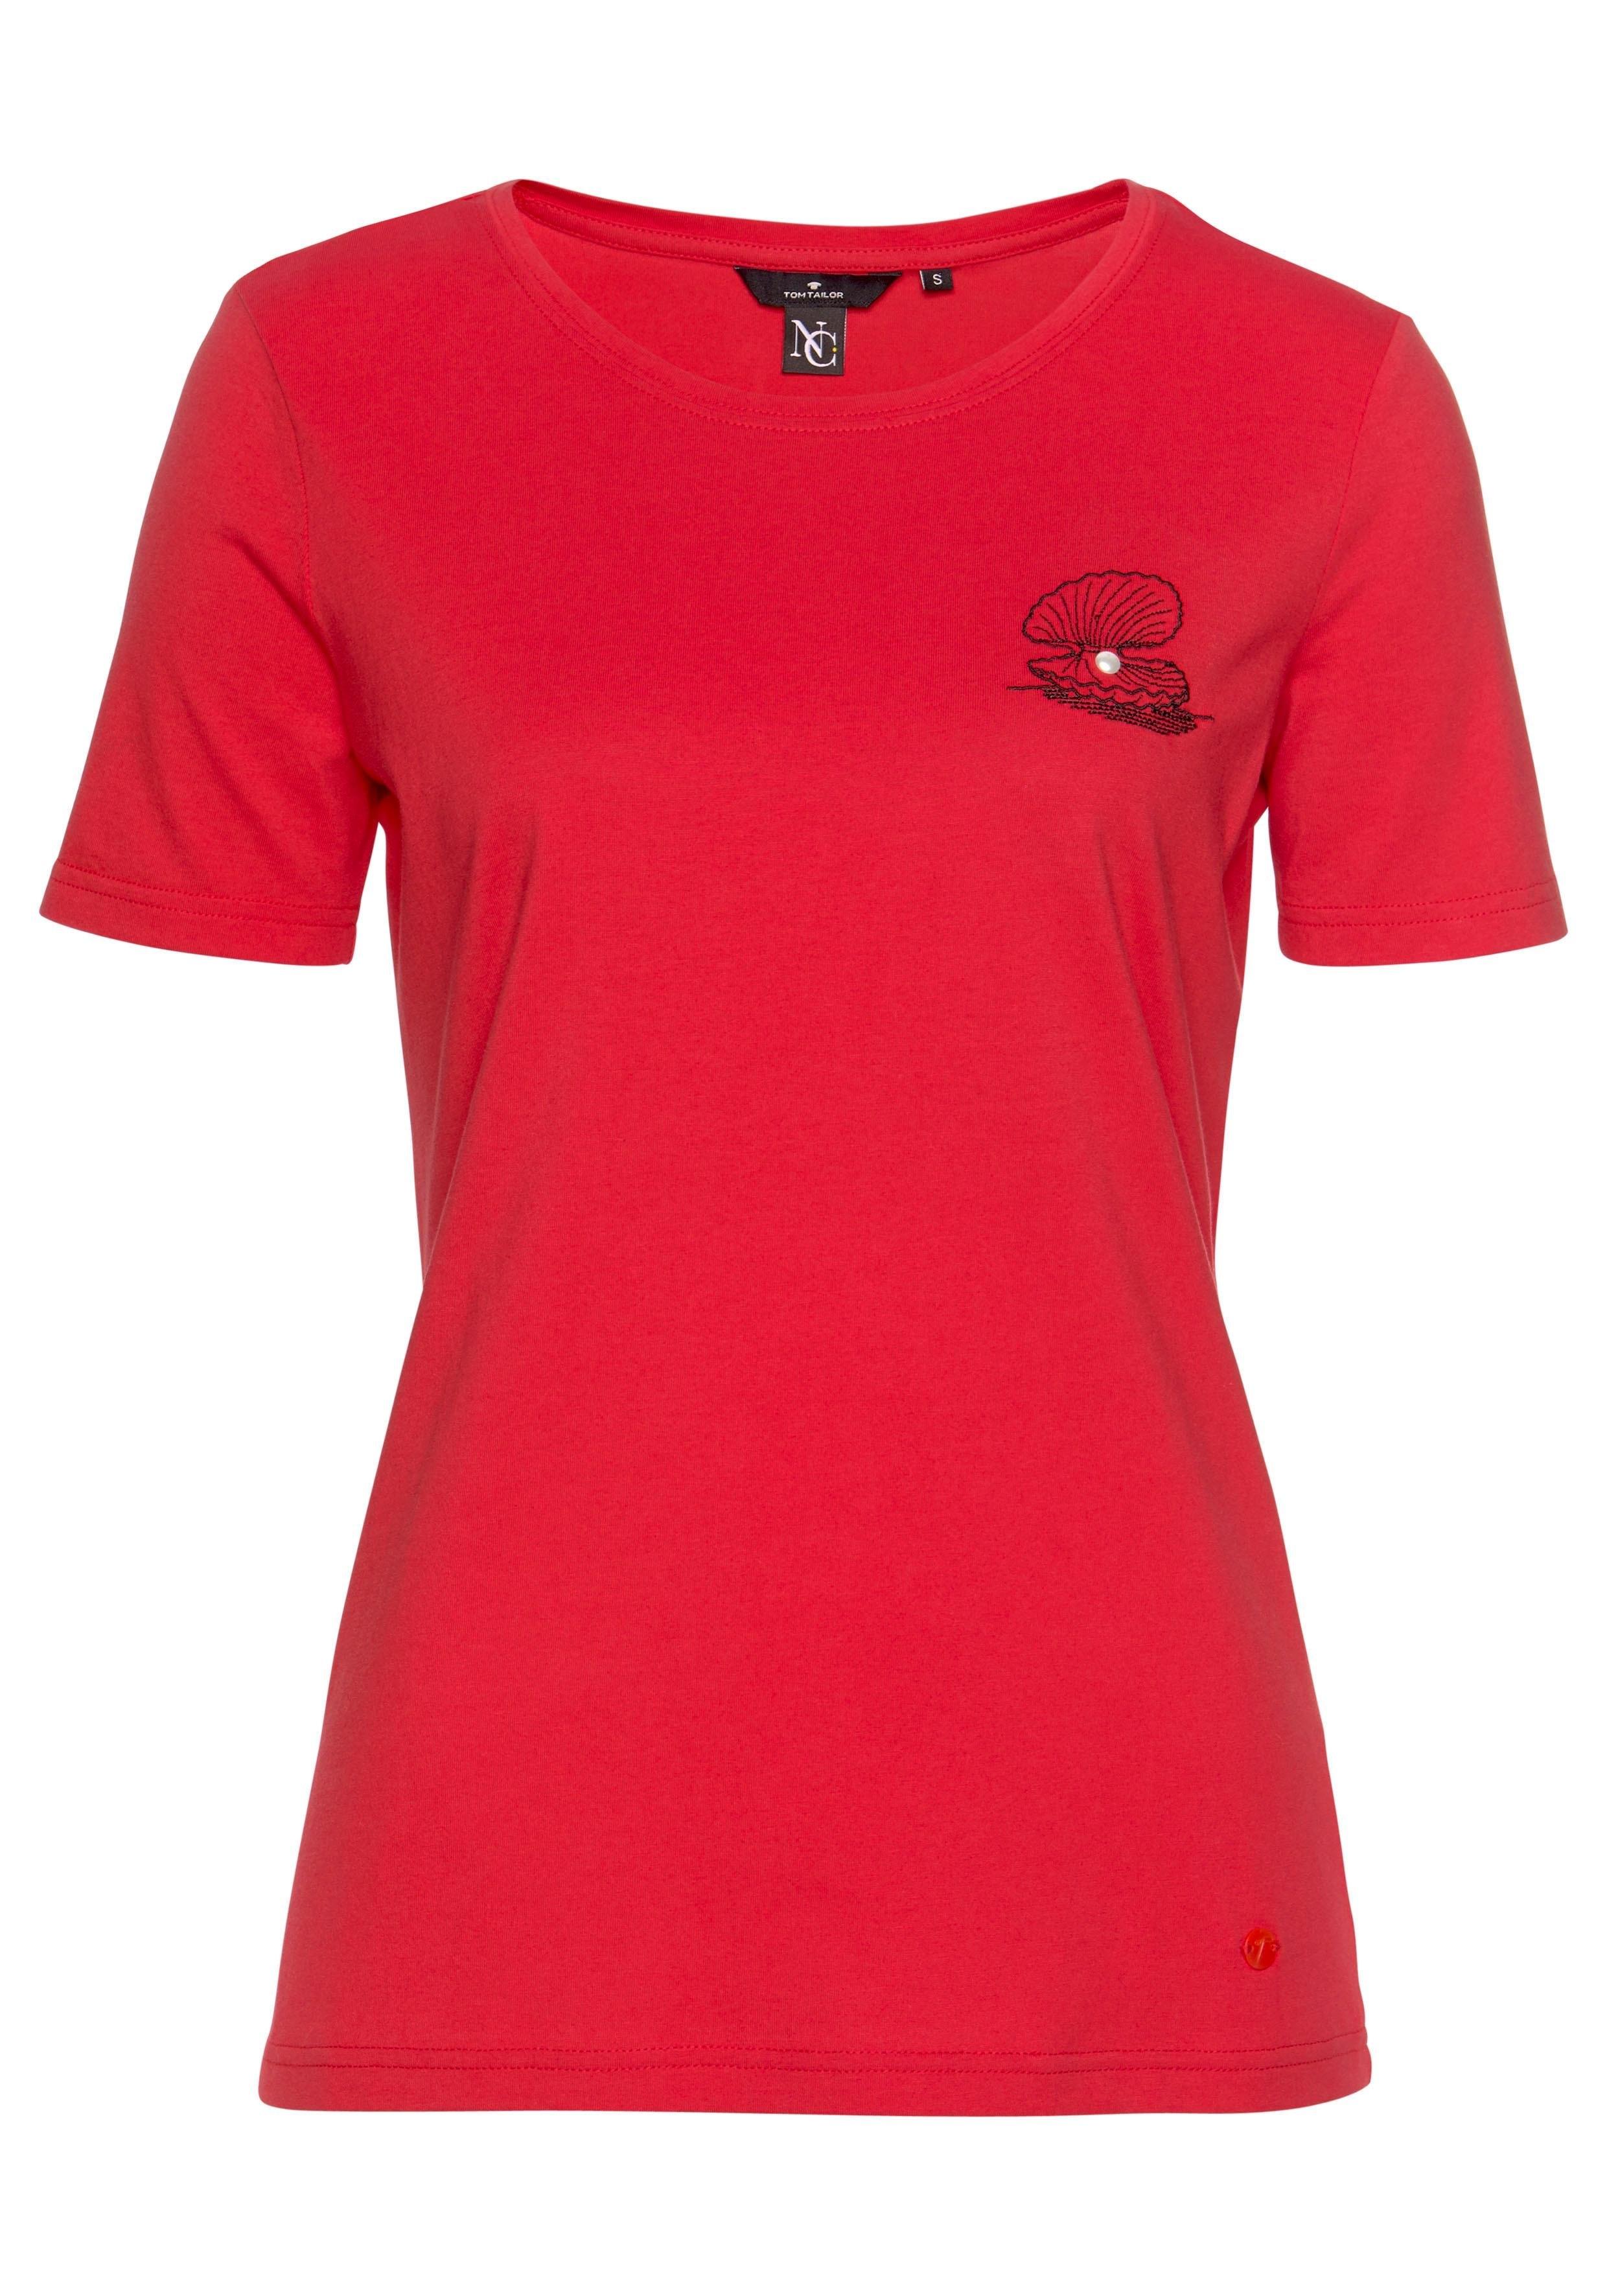 Gevonden Tailor shirt Tom T Makkelijk wk0OP8nX